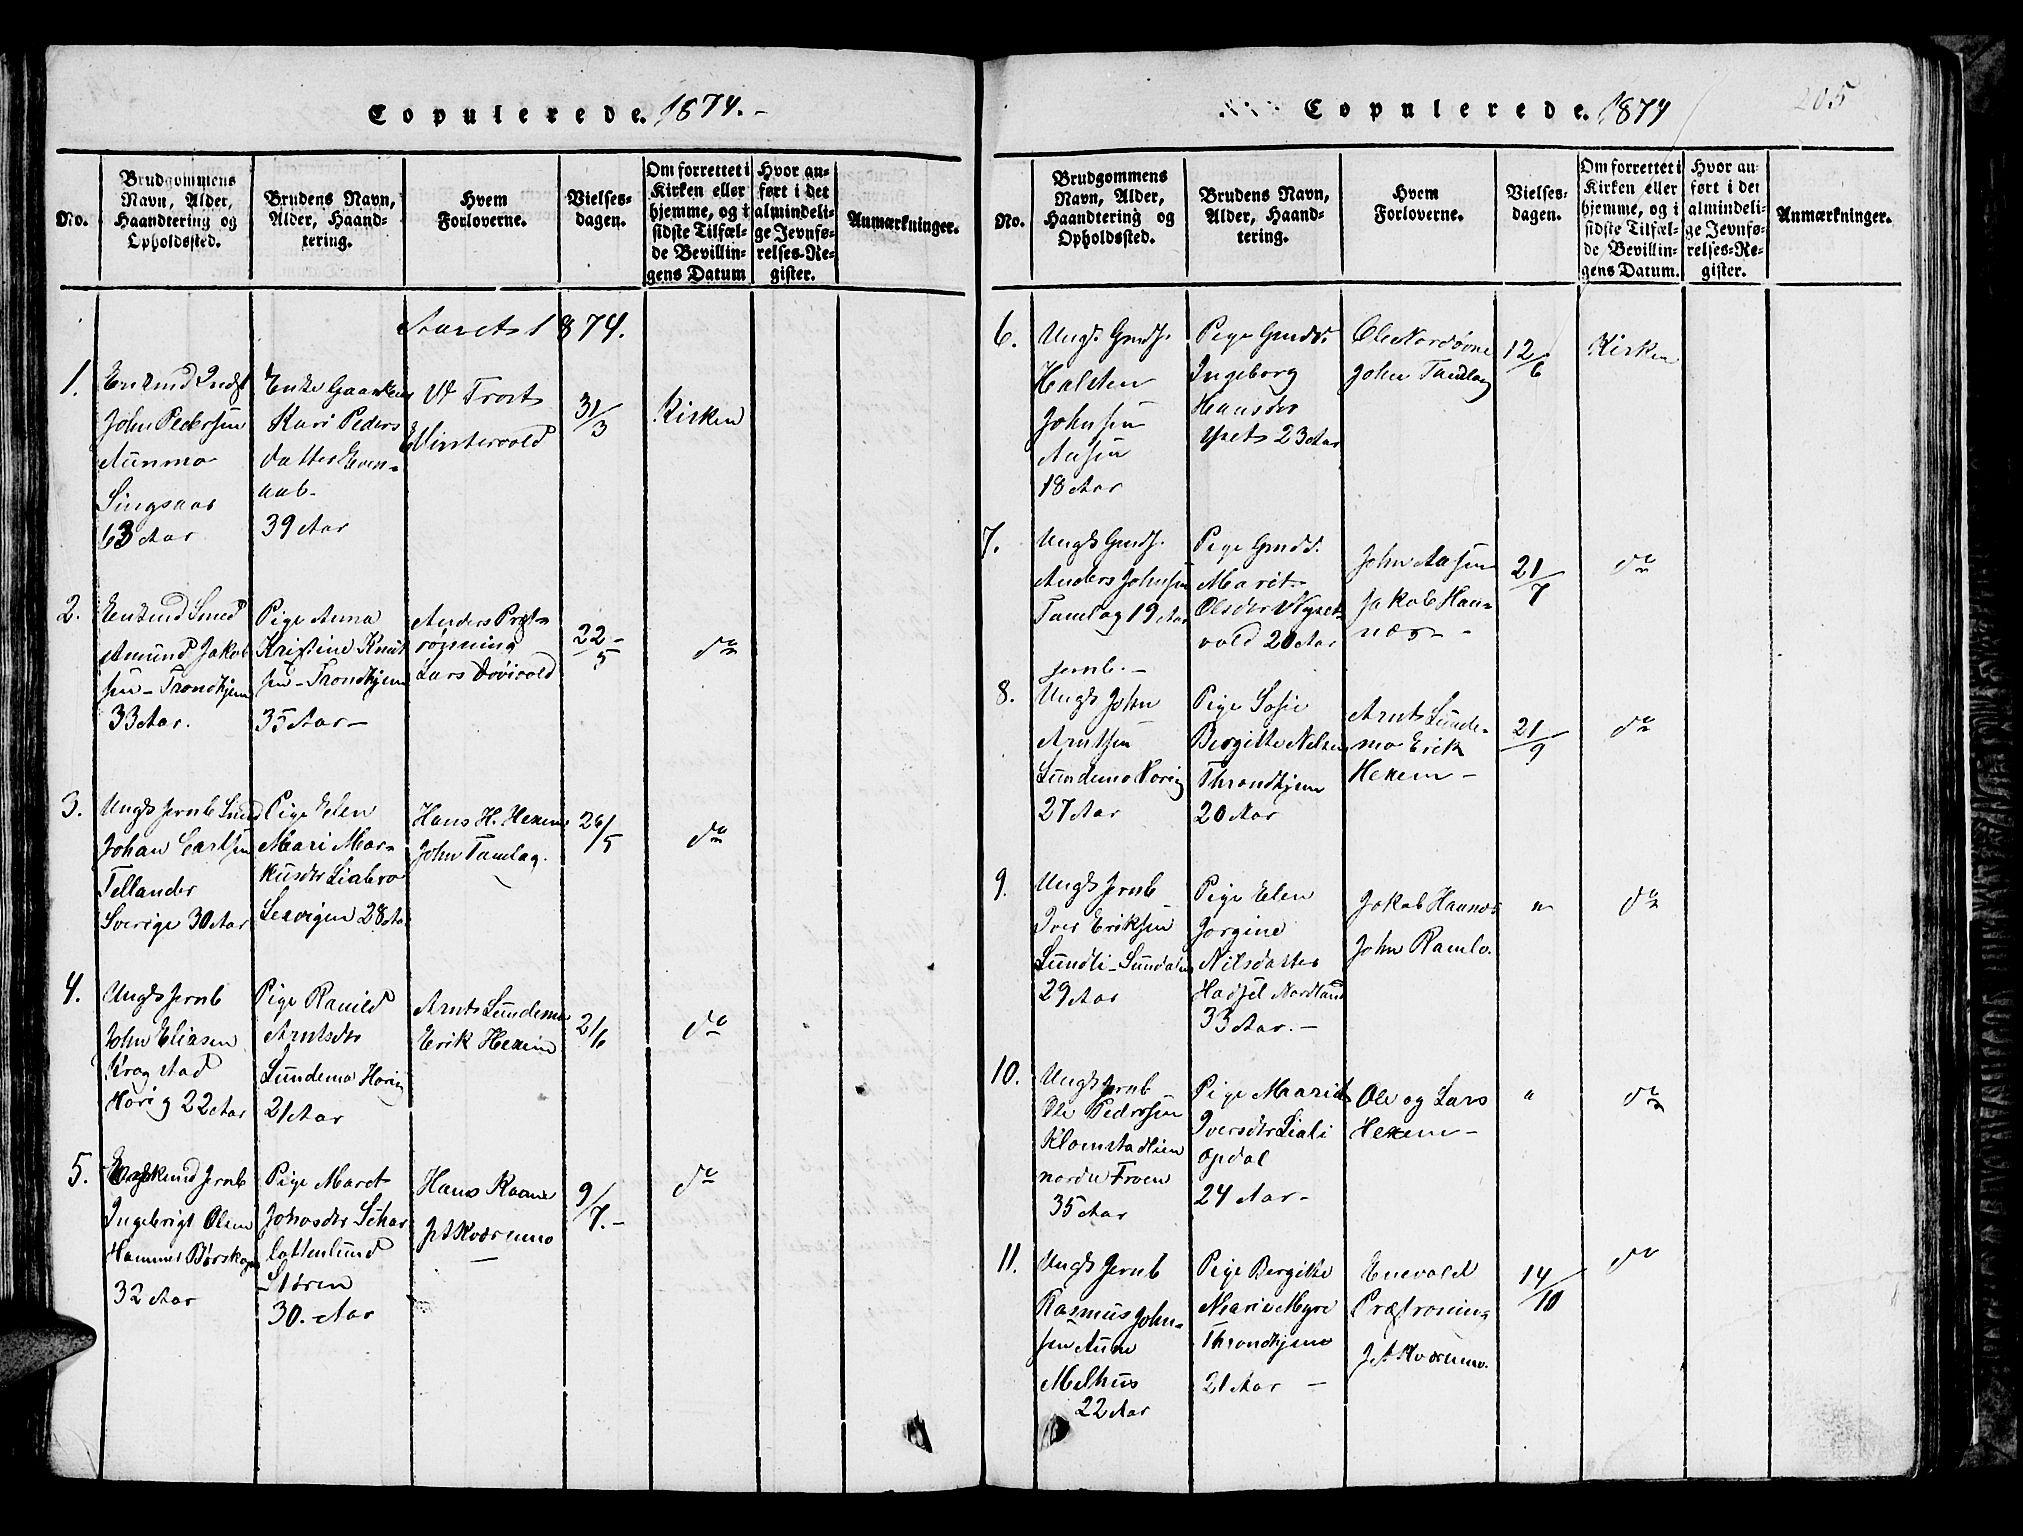 SAT, Ministerialprotokoller, klokkerbøker og fødselsregistre - Sør-Trøndelag, 685/L0976: Klokkerbok nr. 685C01, 1817-1878, s. 205